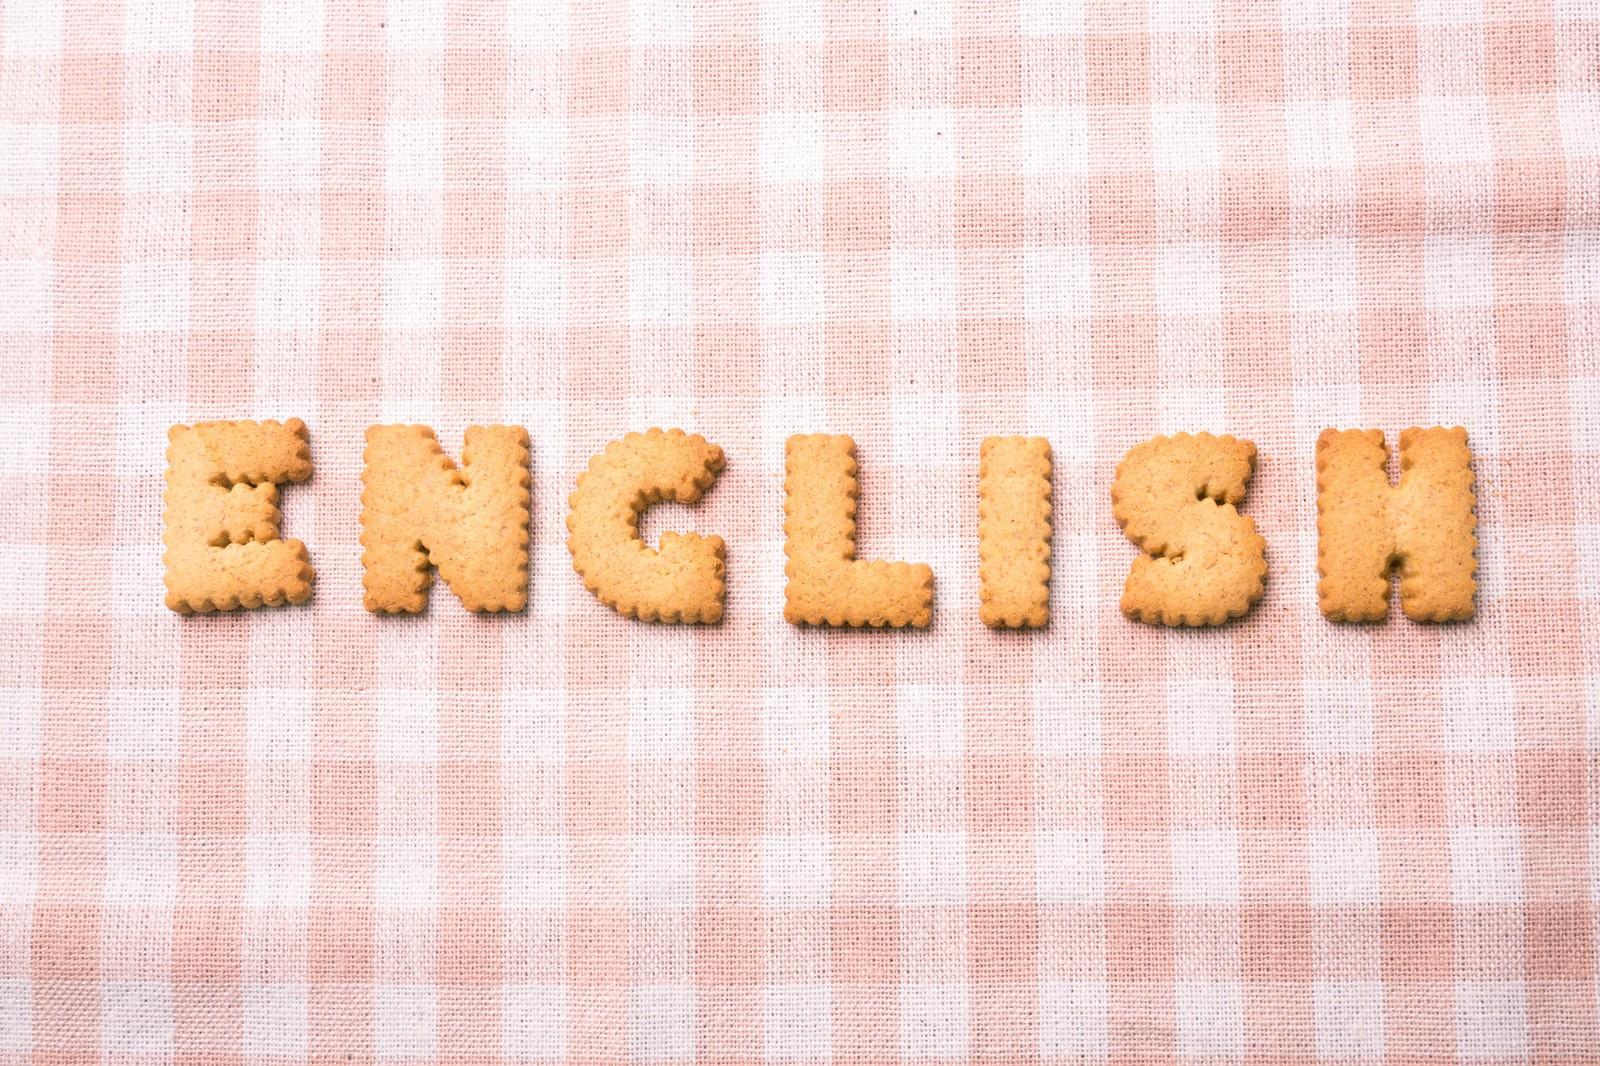 英会話に必要な文法だけを勉強すべき!英会話初心者は見ないと損!